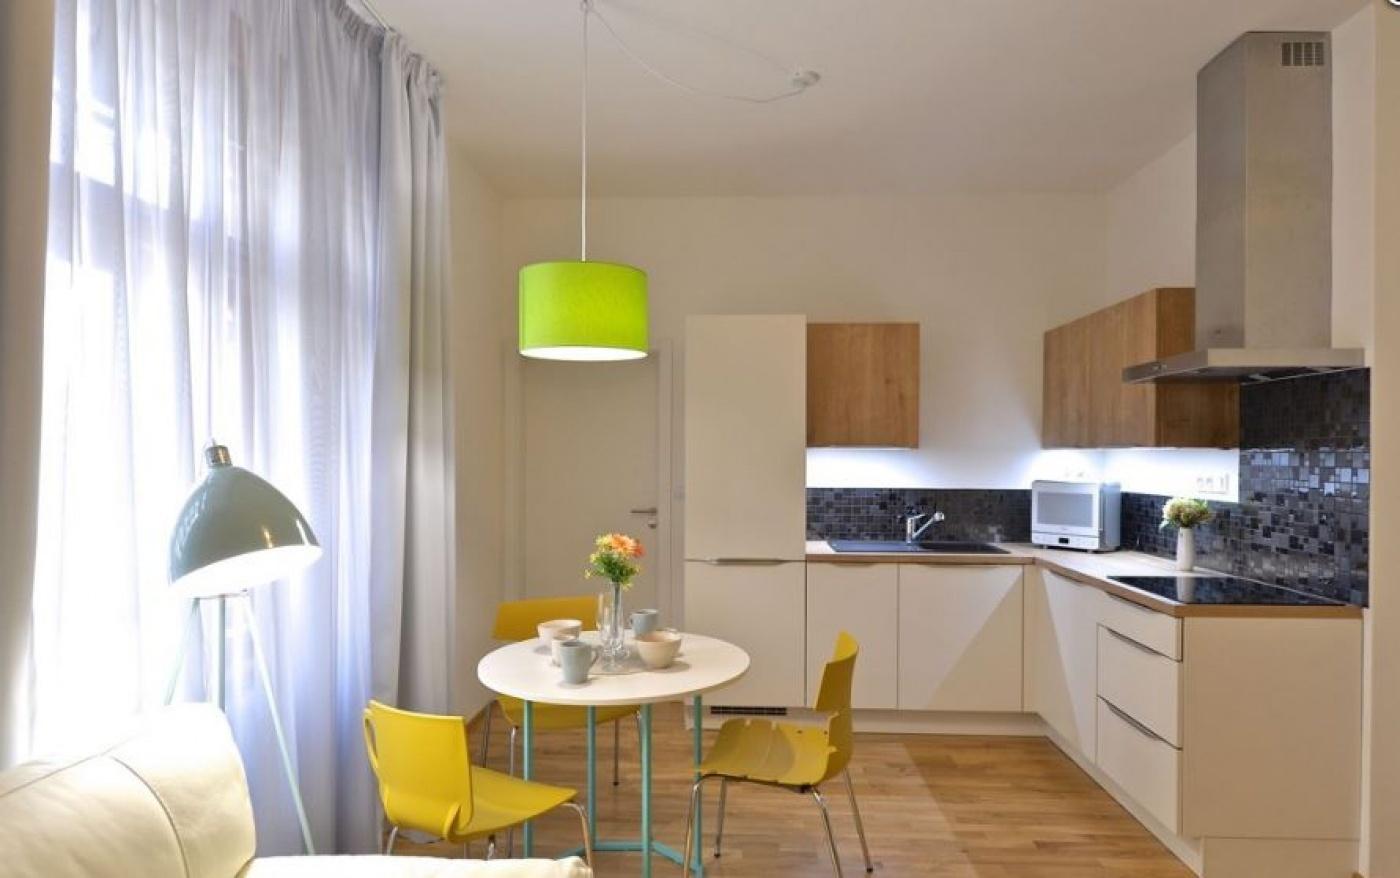 Půdní byt 2+kk, plocha 77 m², ulice Lihovarská, Praha 9 - Libeň, cena 6 117 000 Kč | 6